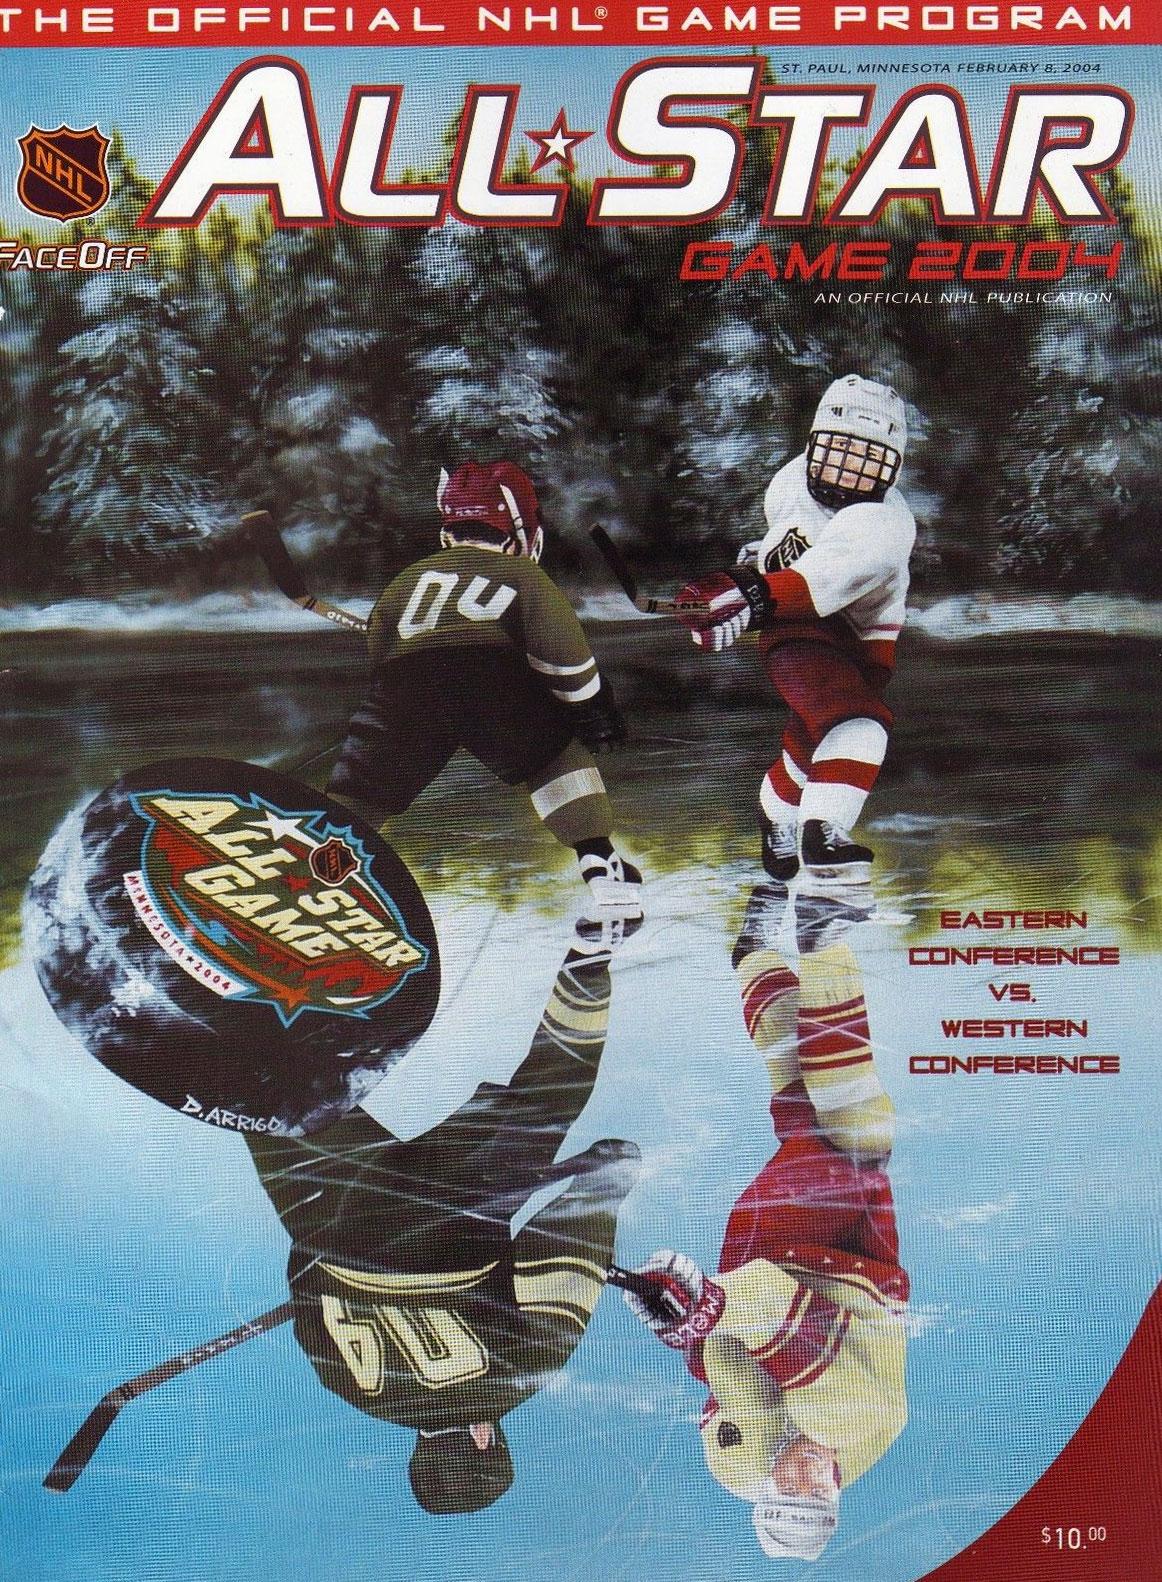 NHL All-Star Game Program Program (2003/04) - 2004 NHL All-Star Game Program - game held in St Paul, MN SportsLogos.Net